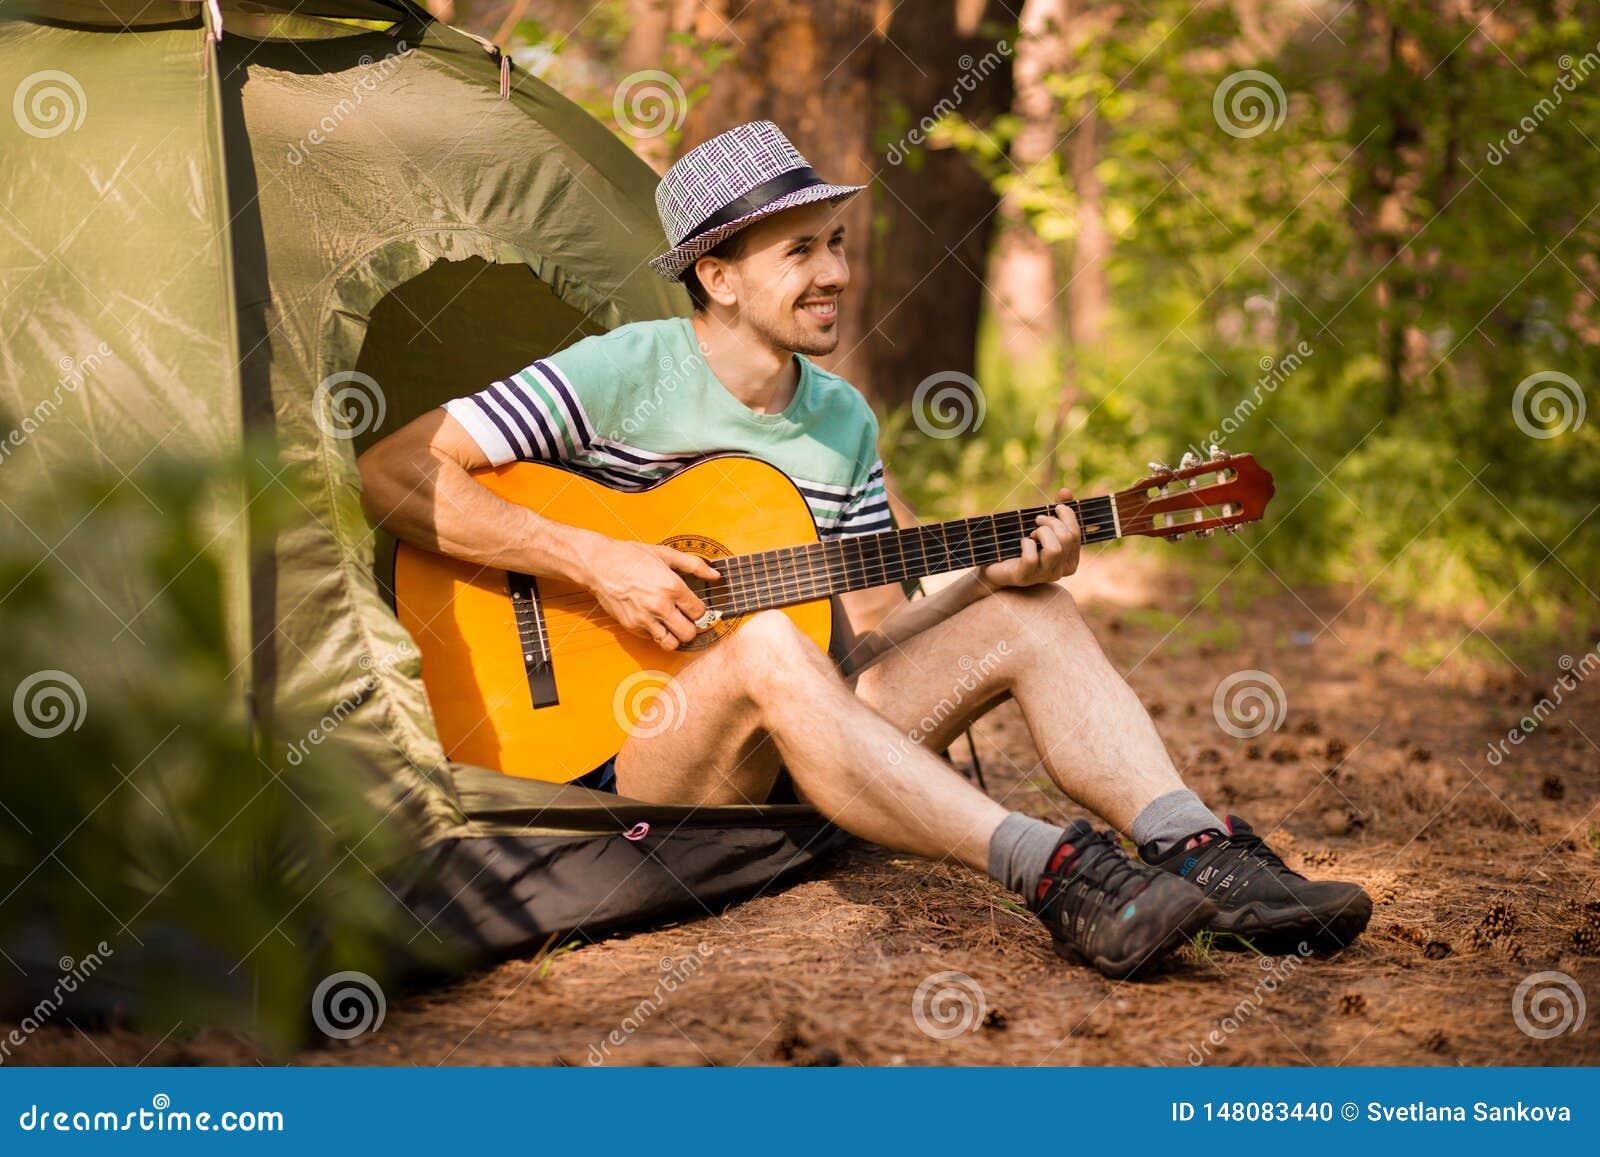 Szcz??liwy m?odego cz?owieka camping i pobrz?ka gitary instrumentaln? muzyk? relaksowa? przeciw t?u lasowy zmierzch